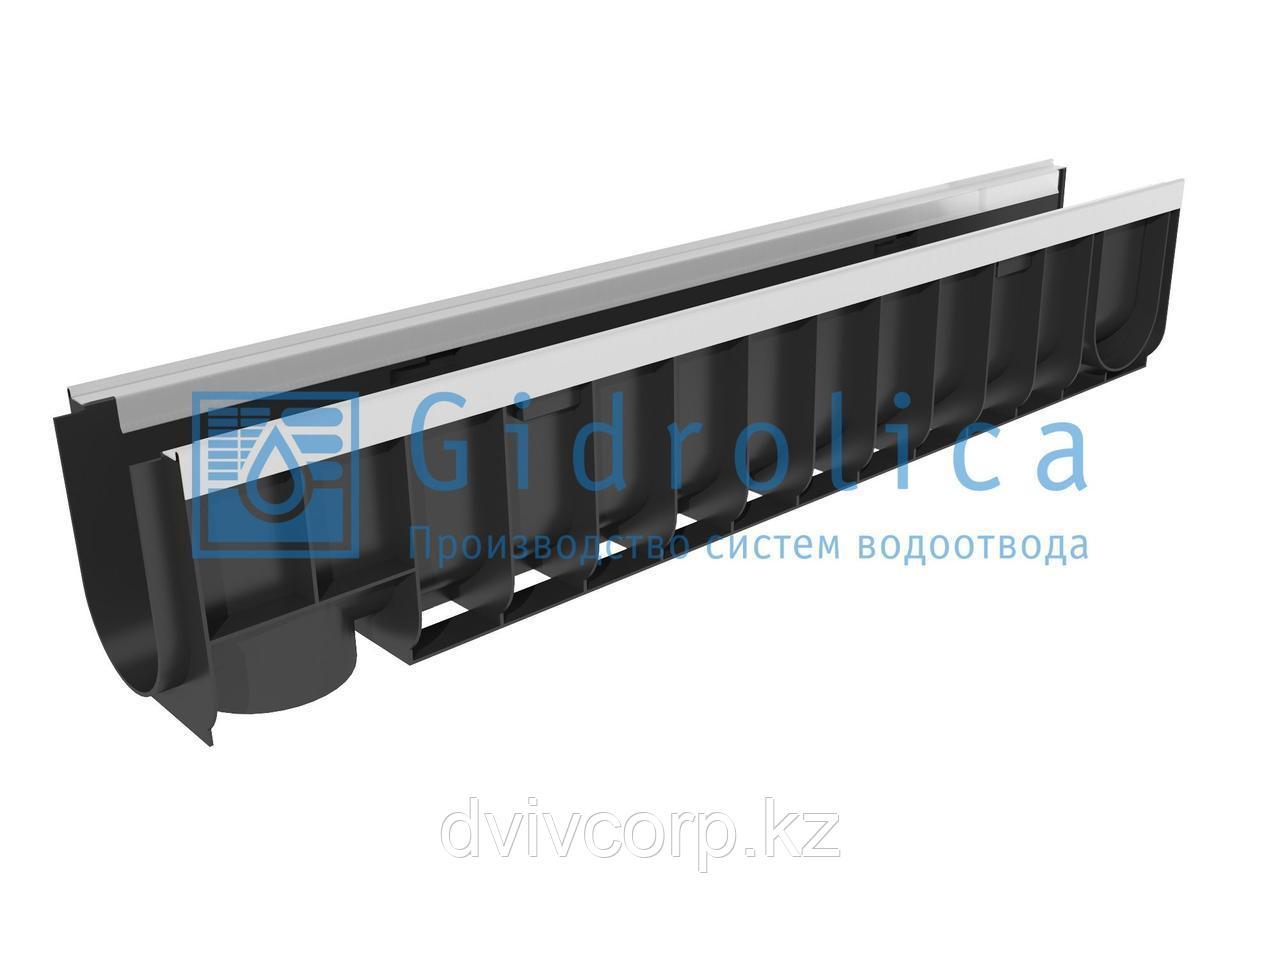 Арт. 8024 Лоток водоотводный Gidrolica Standart Plus ЛВ-10.14,5.18,5 - пластиковый (усиленный)